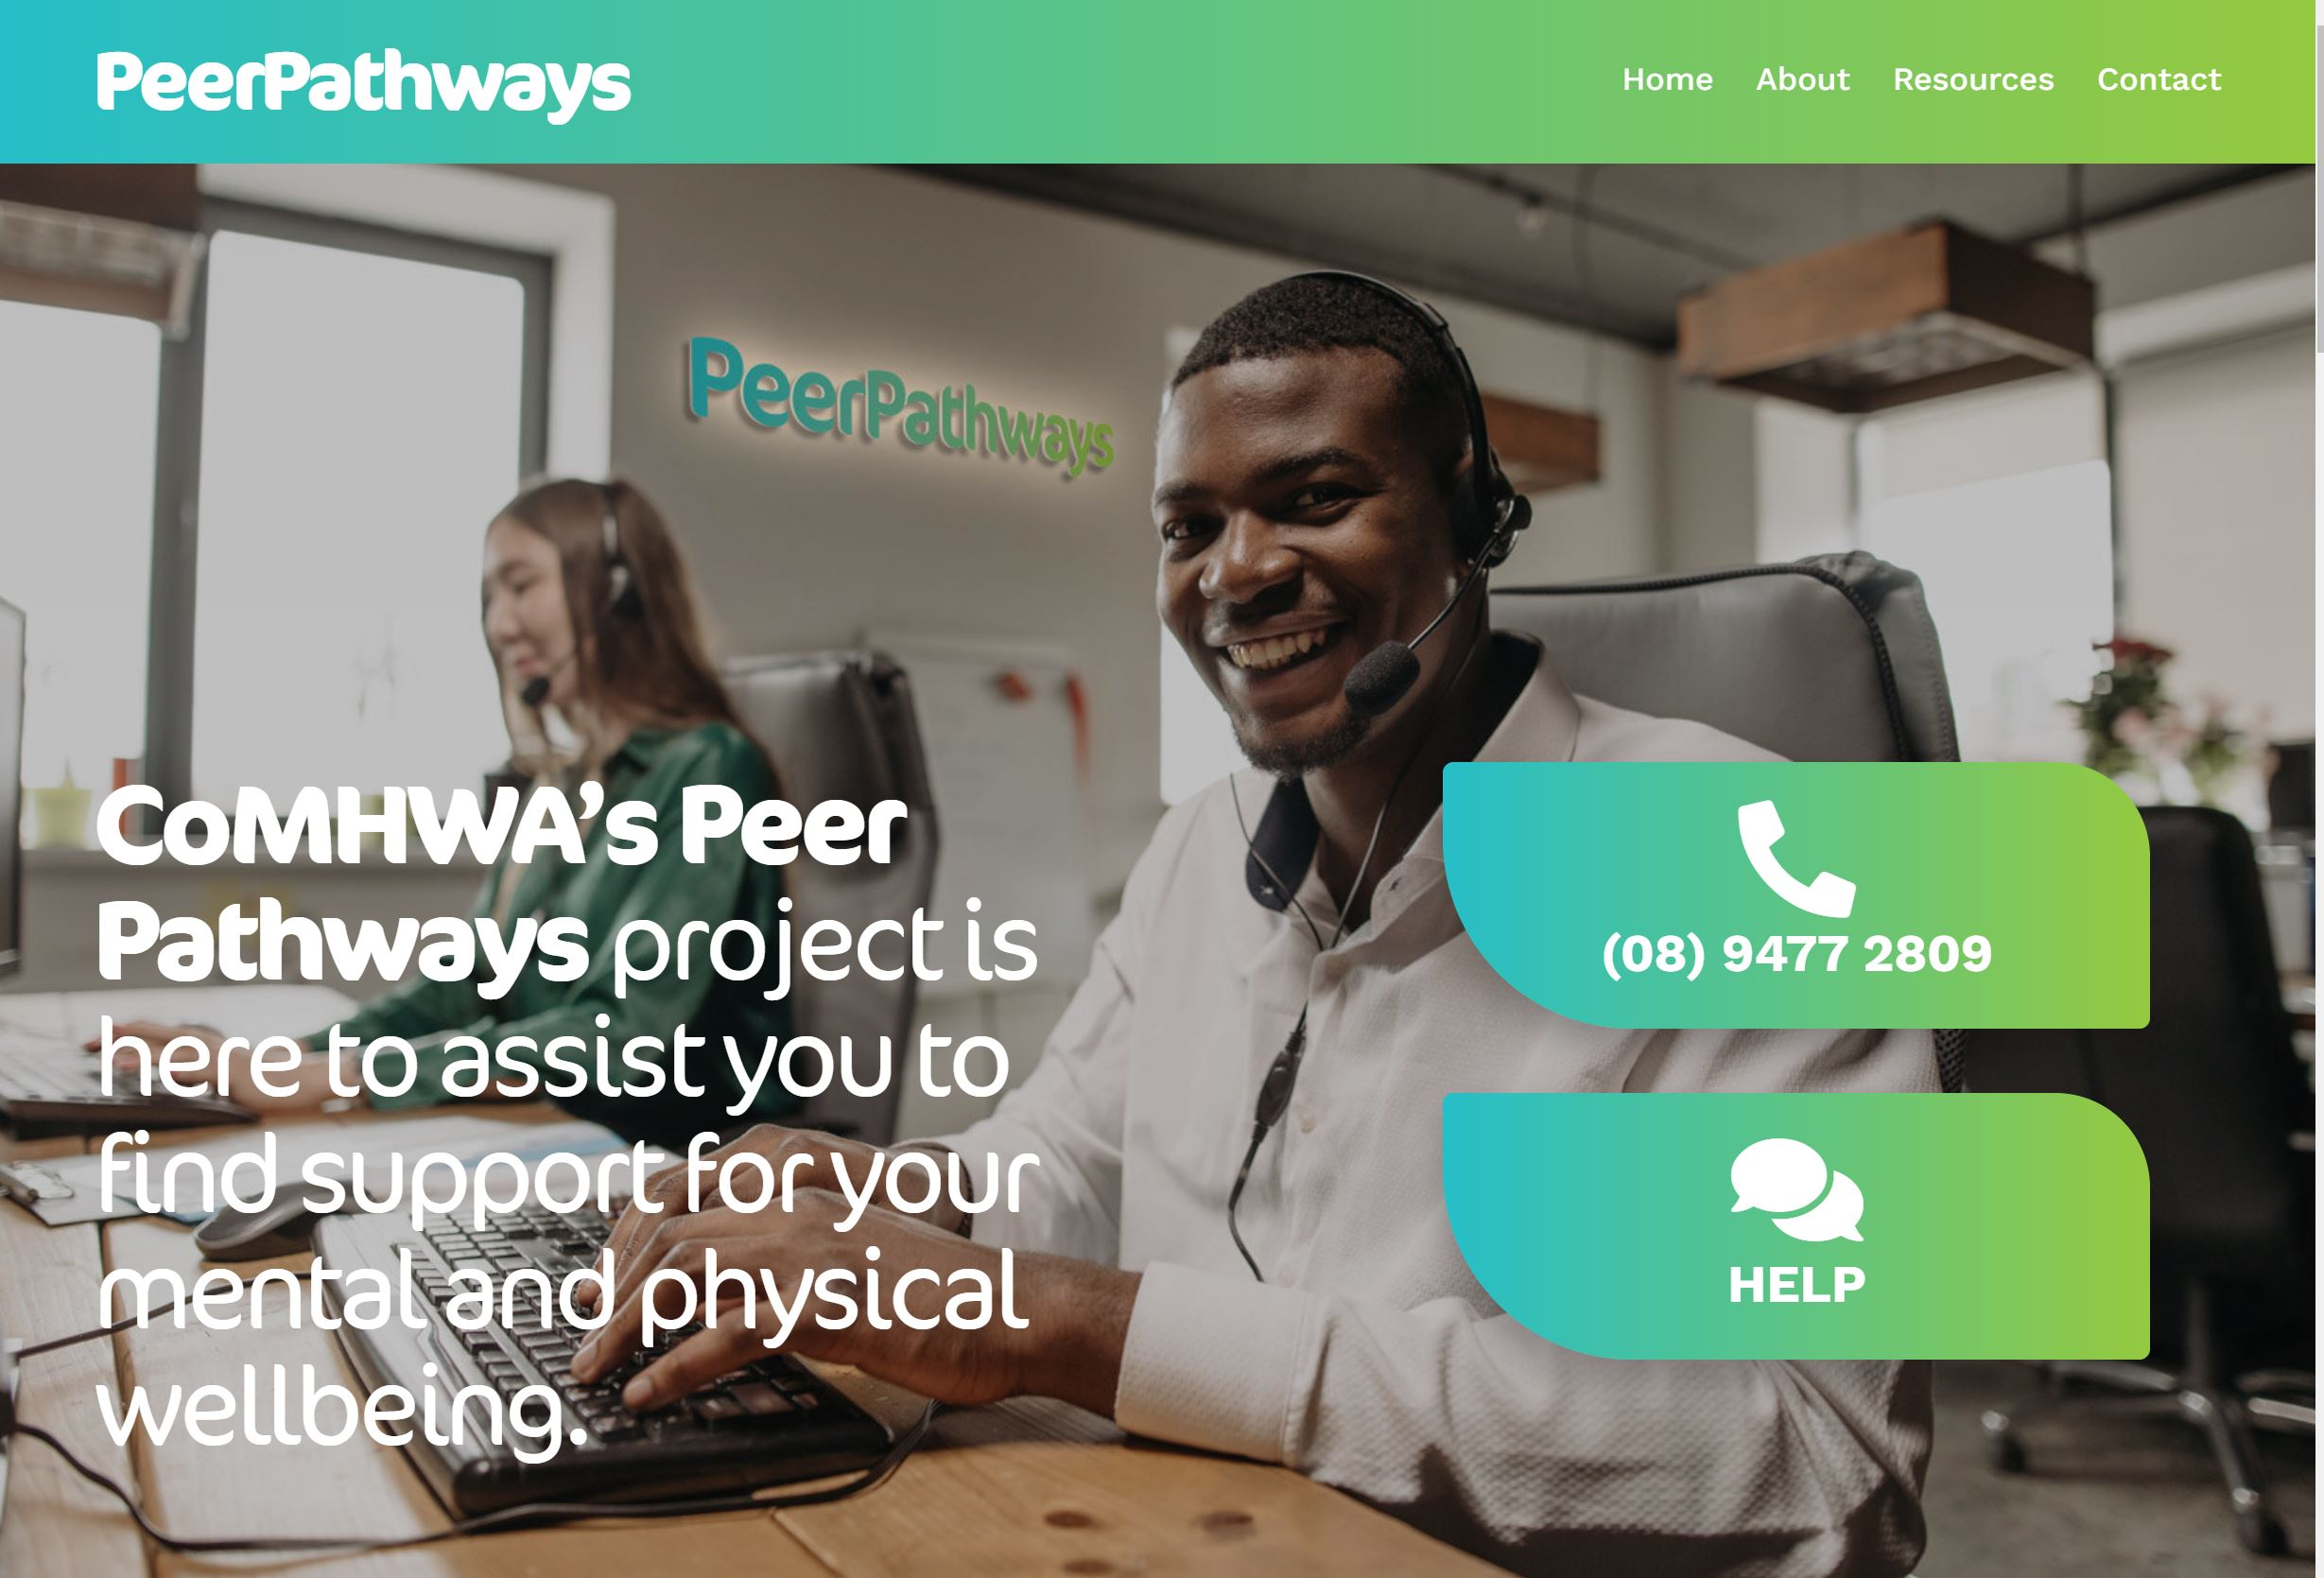 Peer Pathways